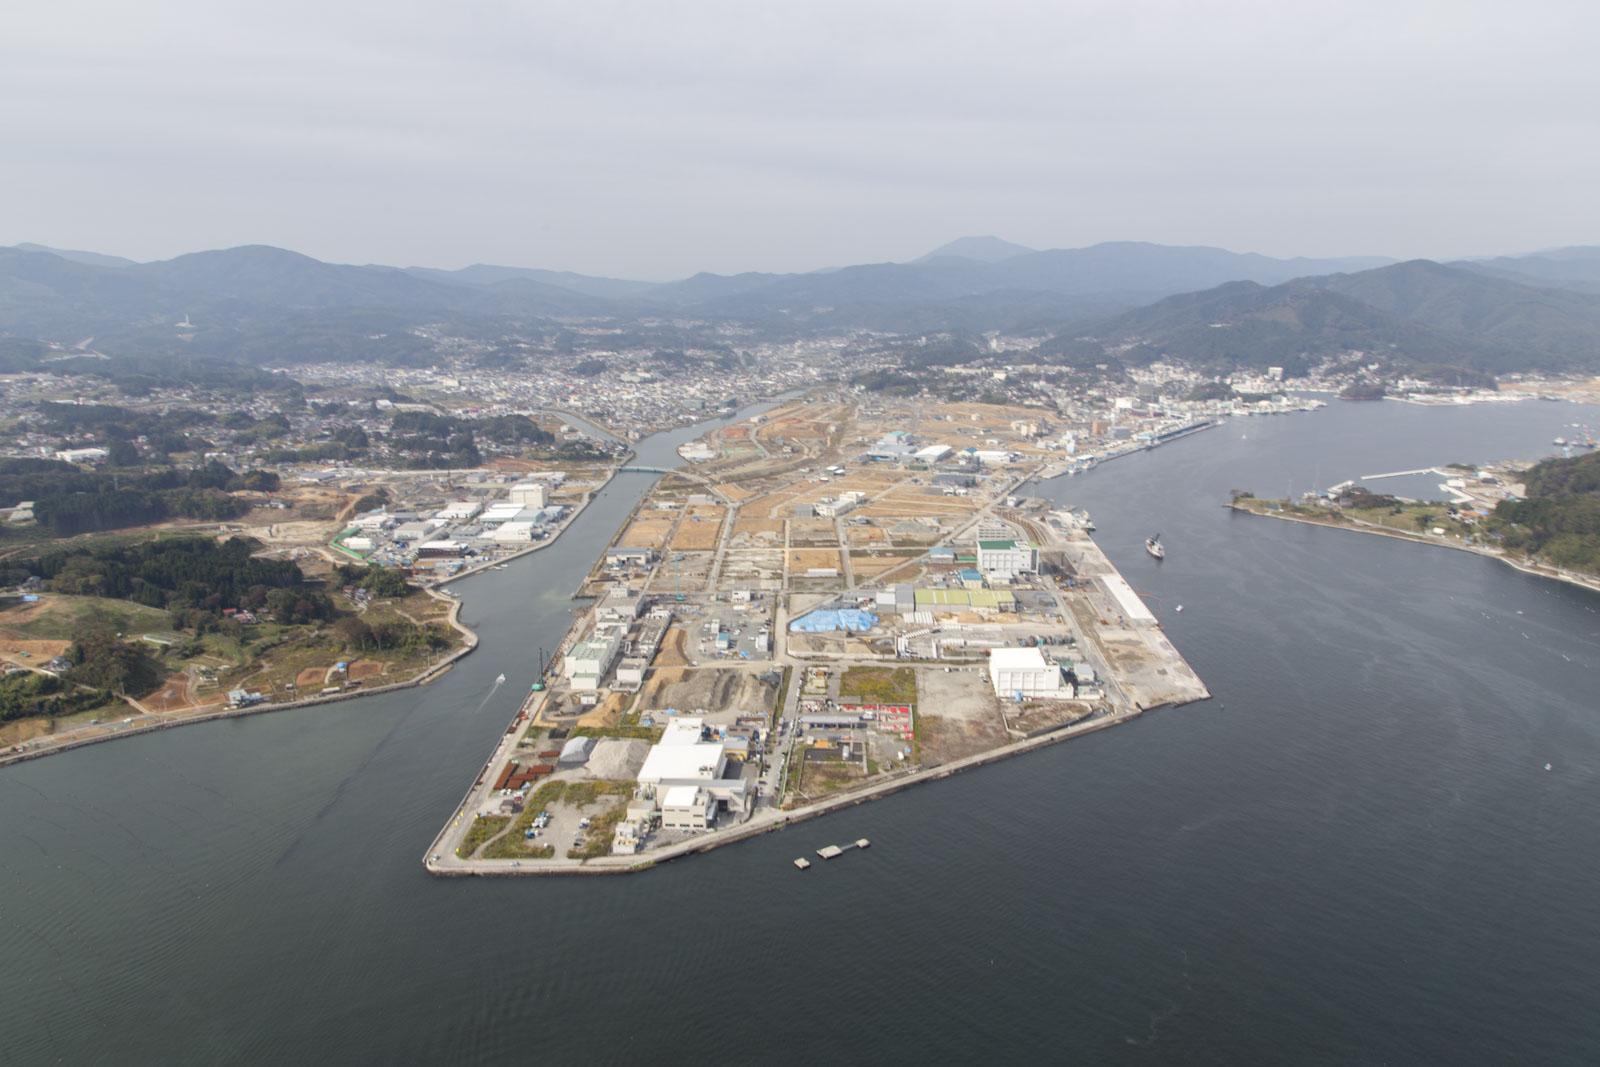 aerialphoto2-011